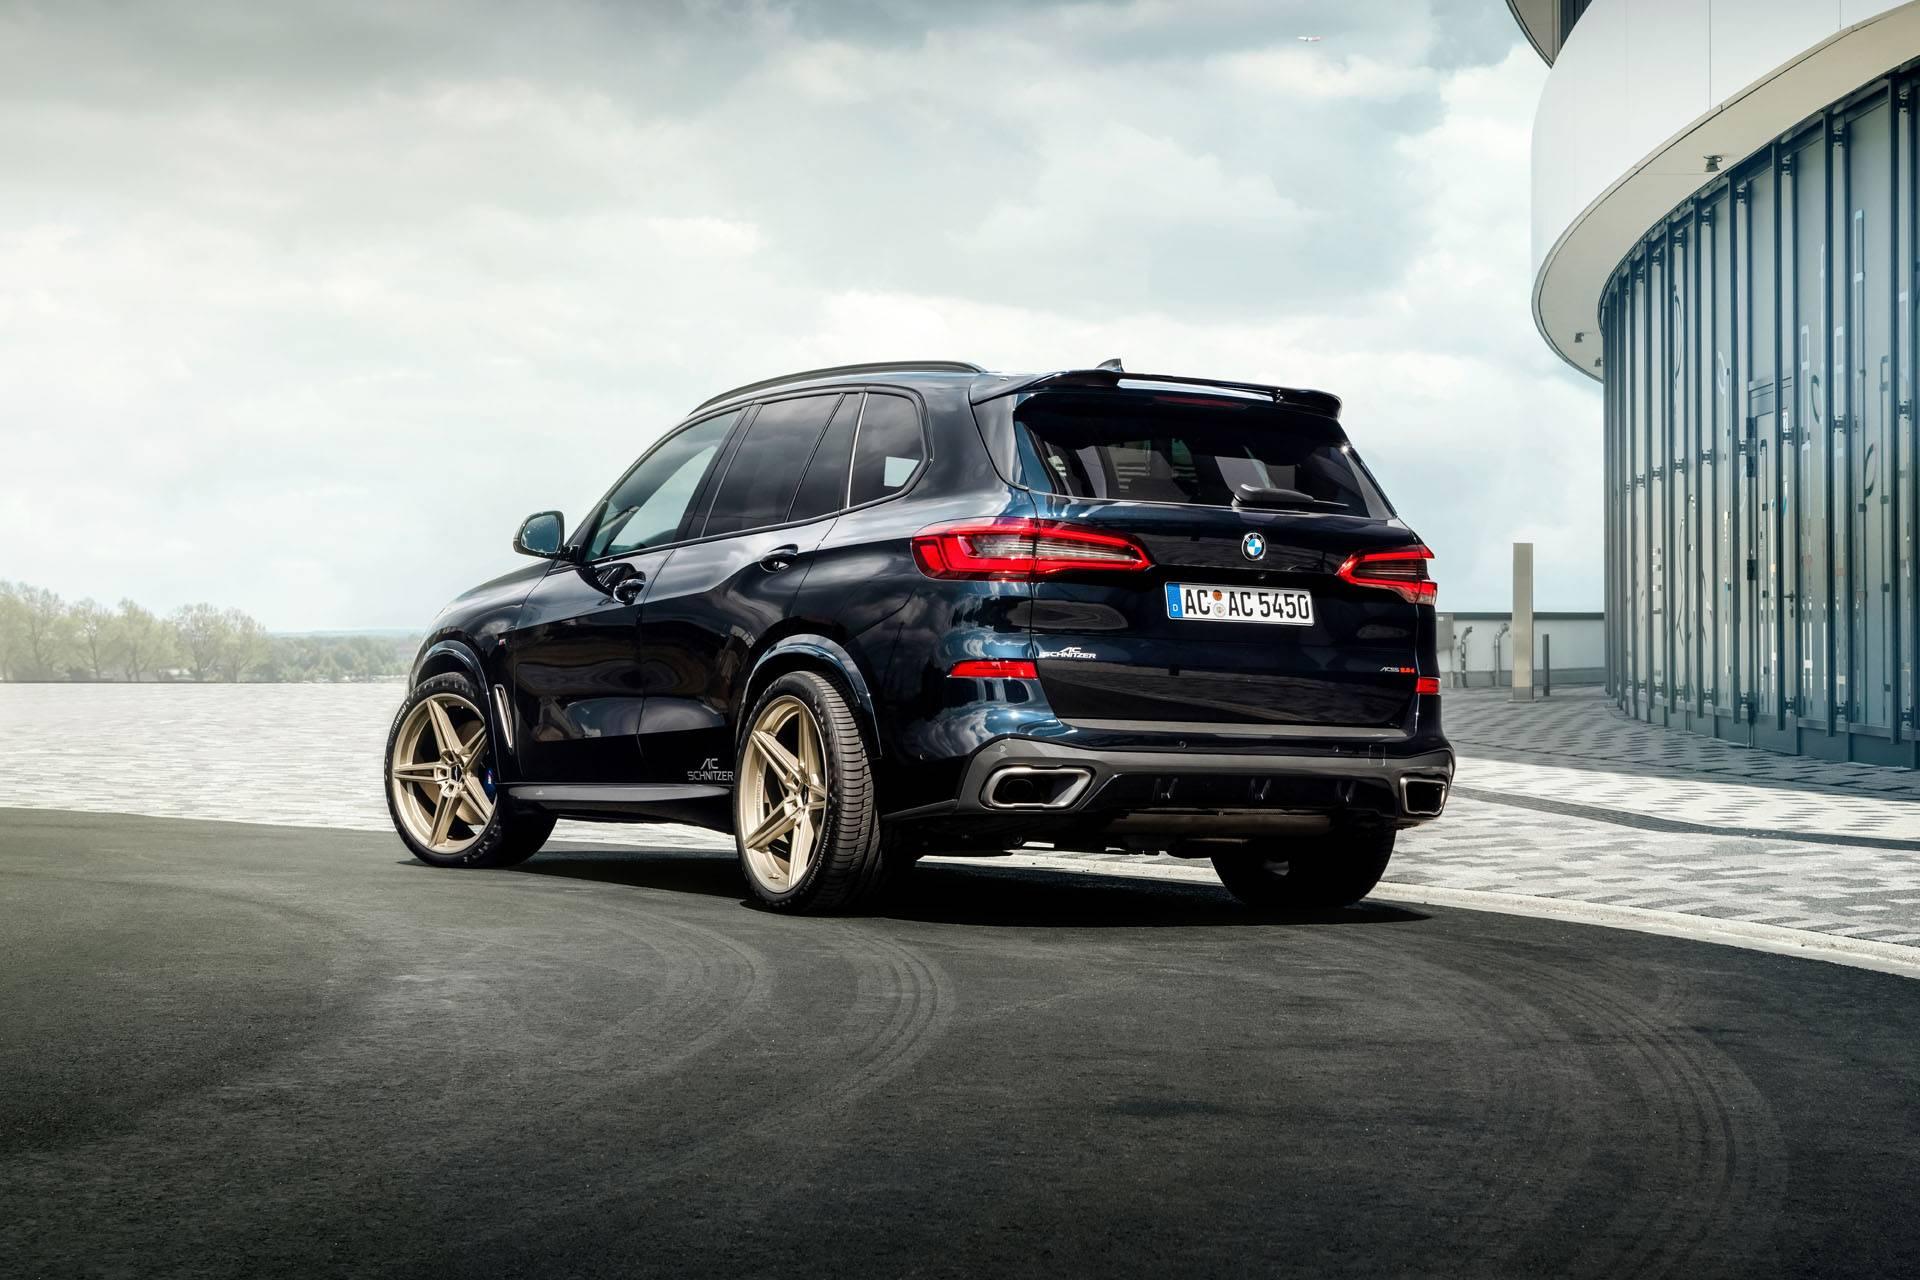 BMW-X5-by-AC-Schnitzer-2019-5